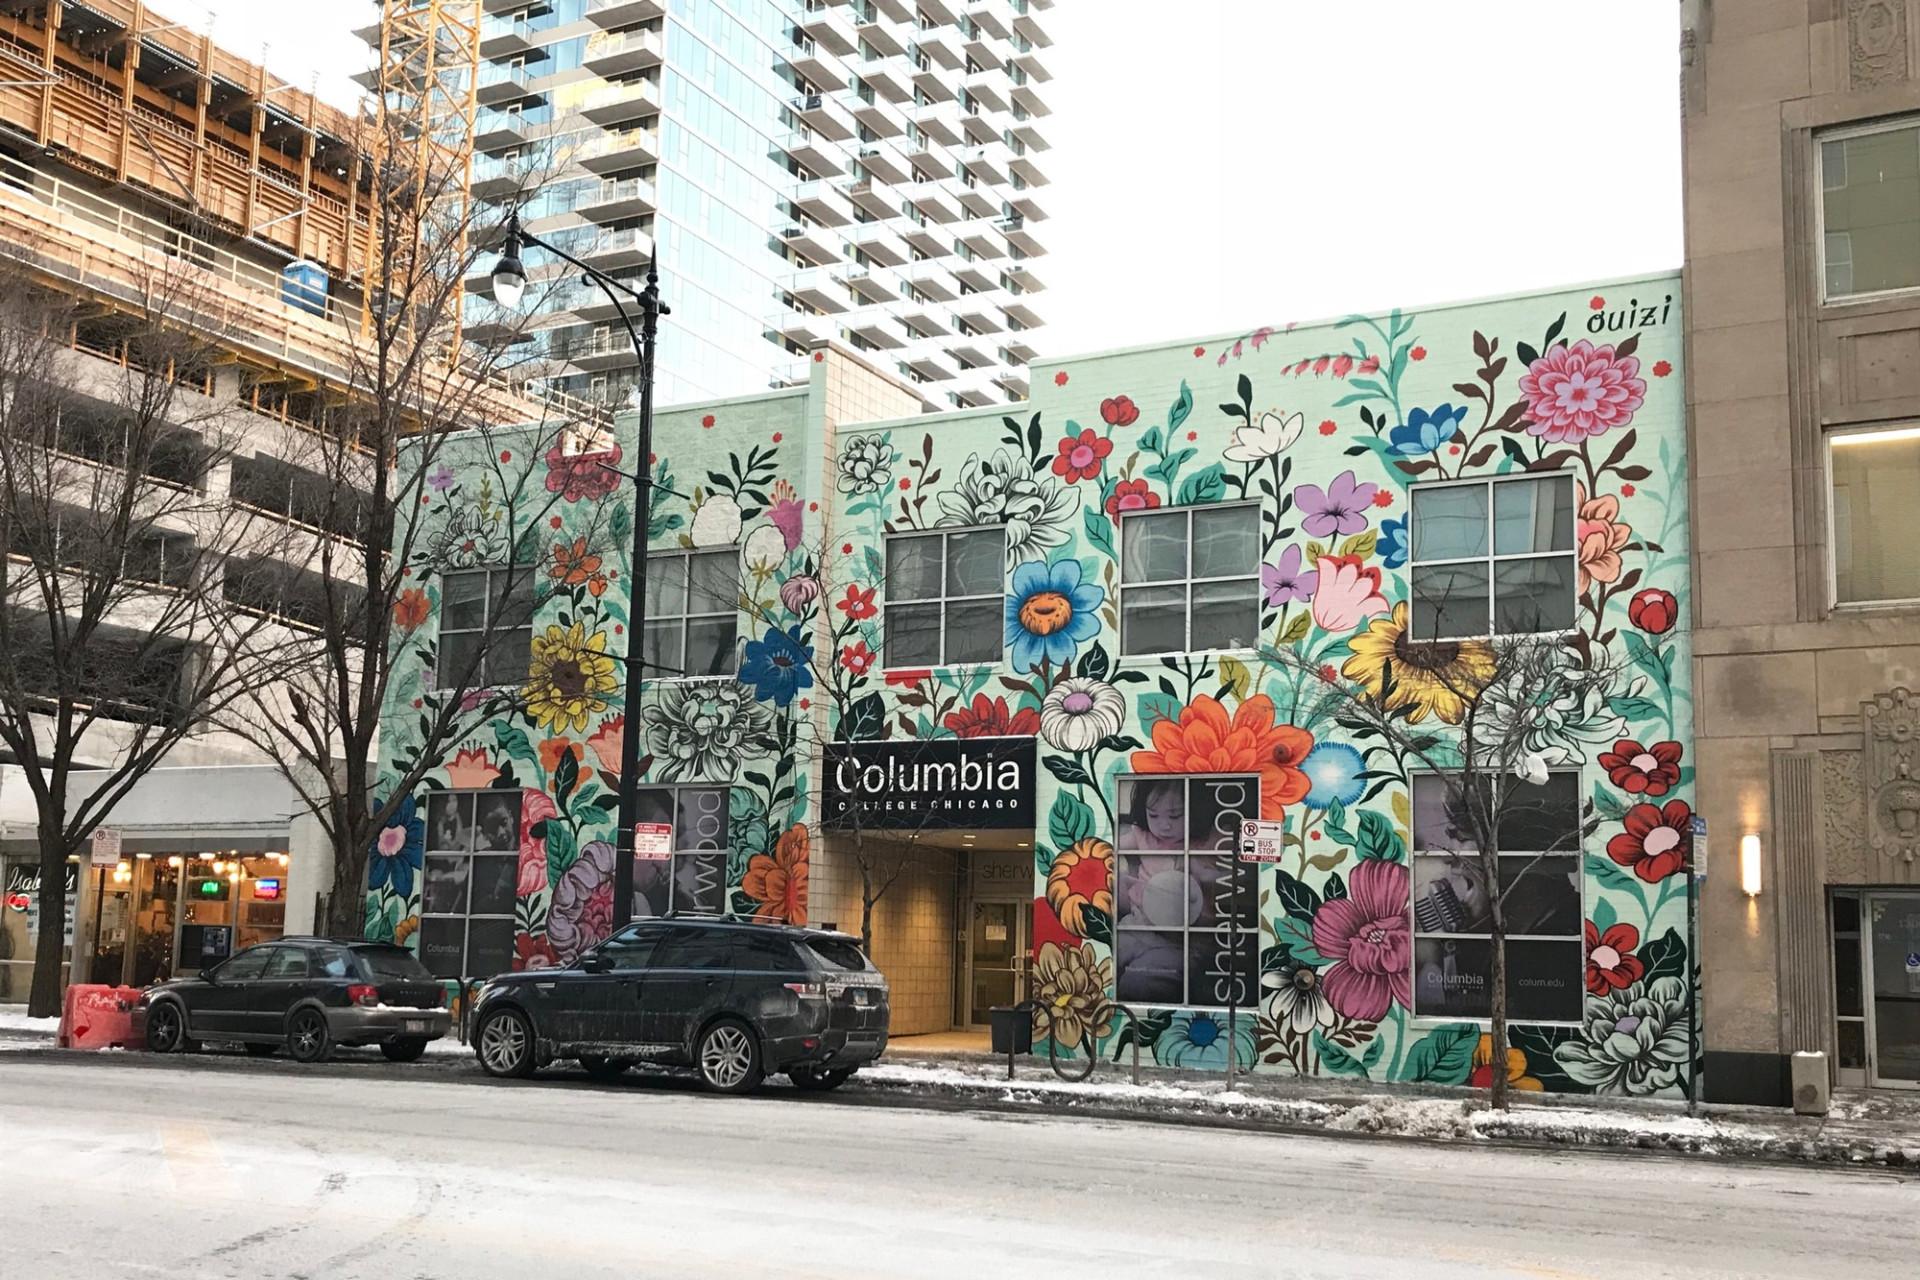 ดอกไม้ท้องถิ่นงดงามบนกำแพงใหญ่สร้างความสดใสให้กับเมือง